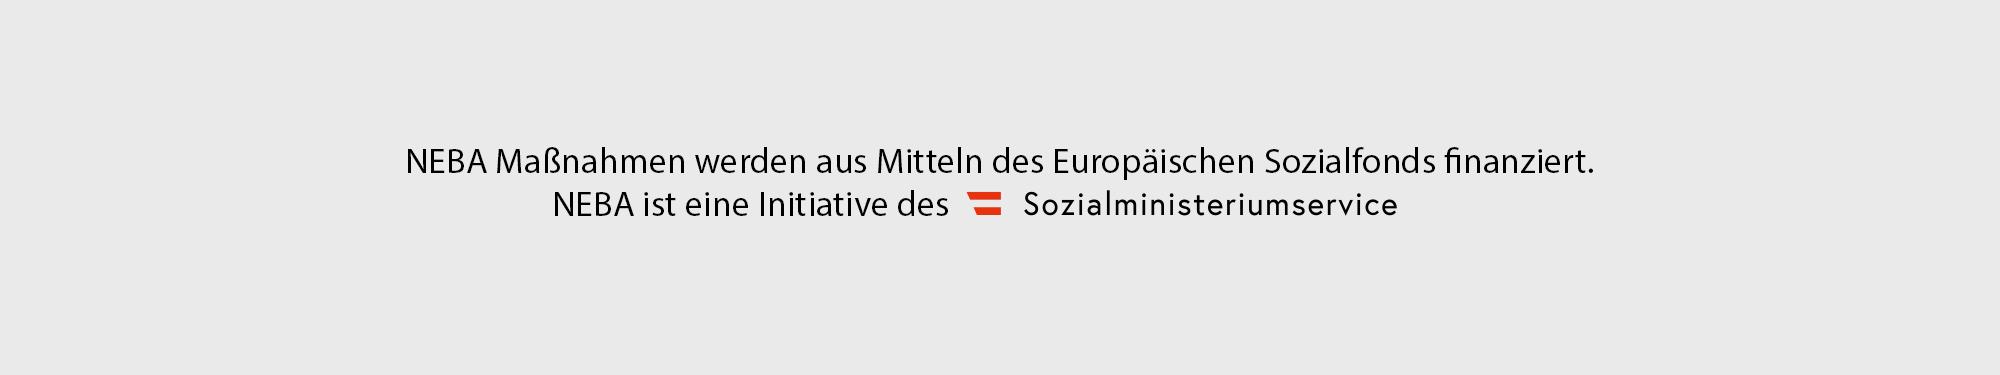 Logos: Land Niederösterreich, Sozial Ministerium Service